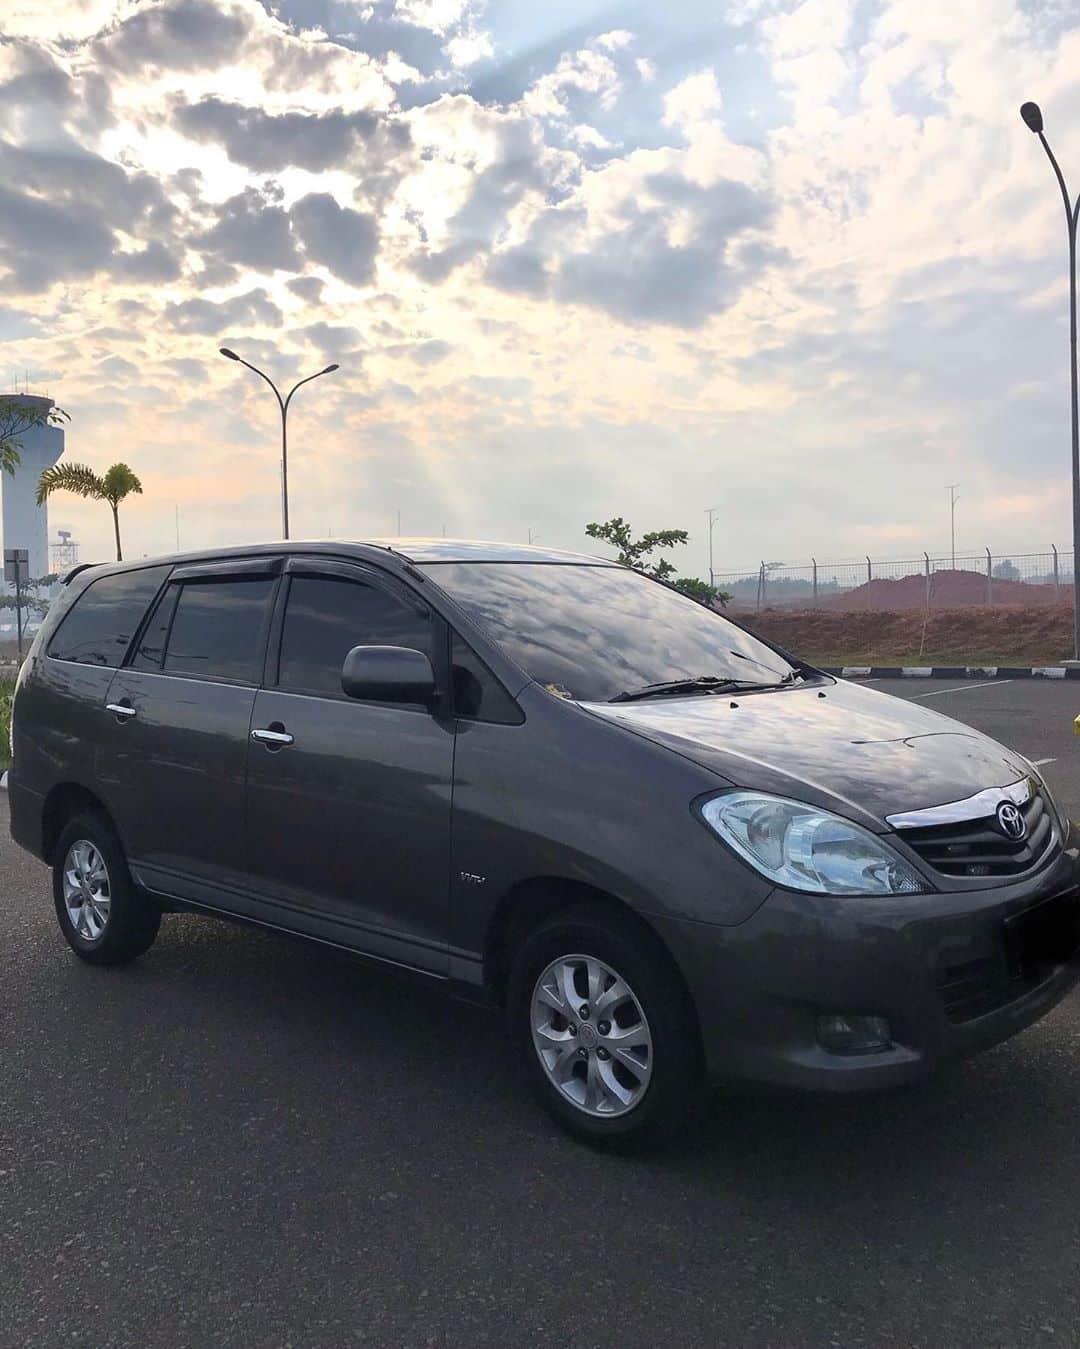 15 Rental Mobil Tanjung Pinang Bisa Harian Atau Mingguan 1